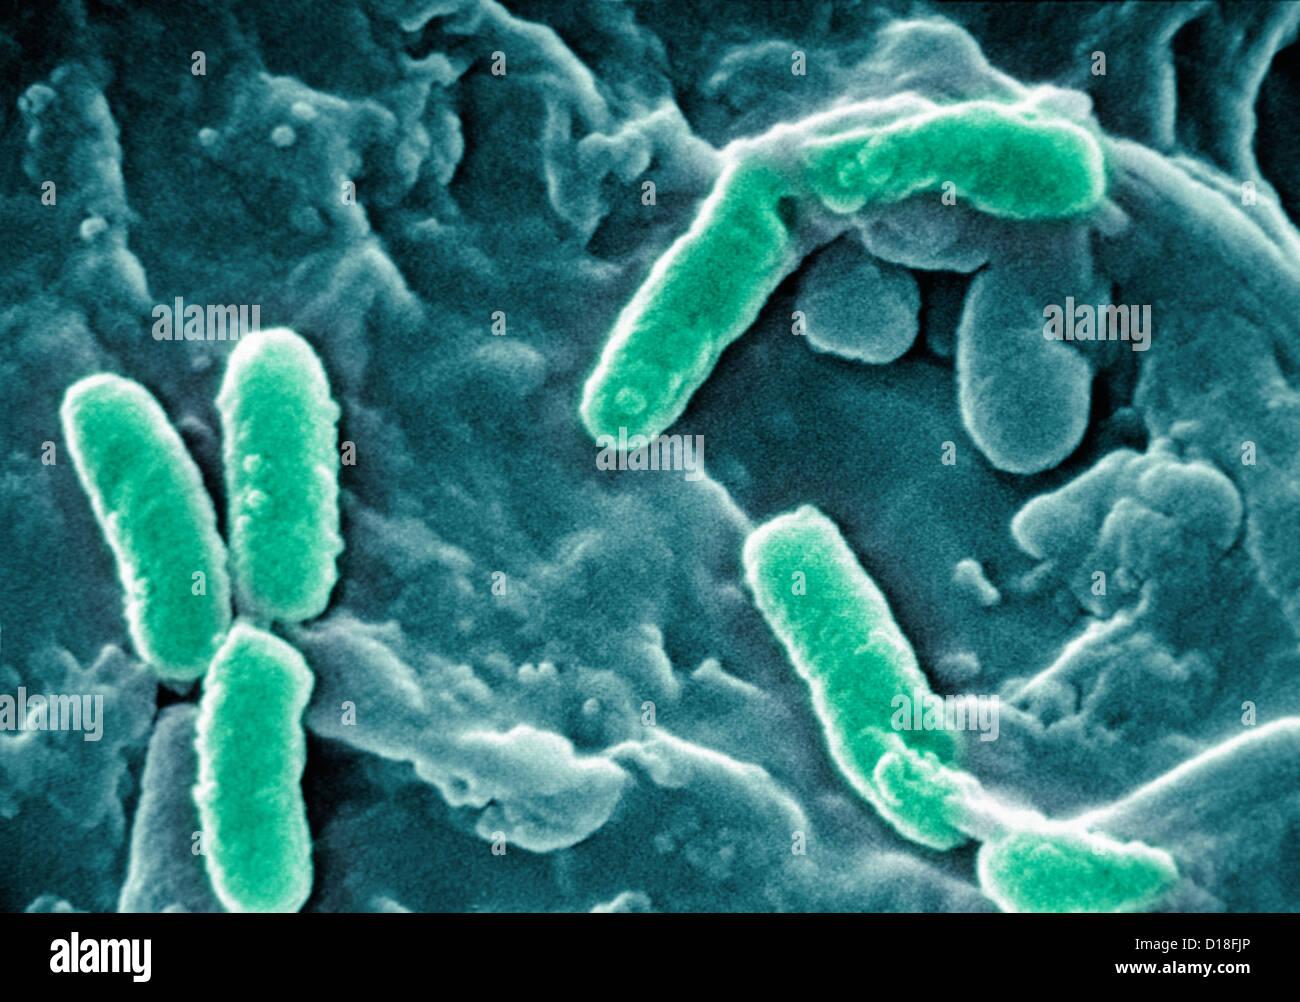 Electron Micrograph of Pseudomonas aeruginosa - Stock Image